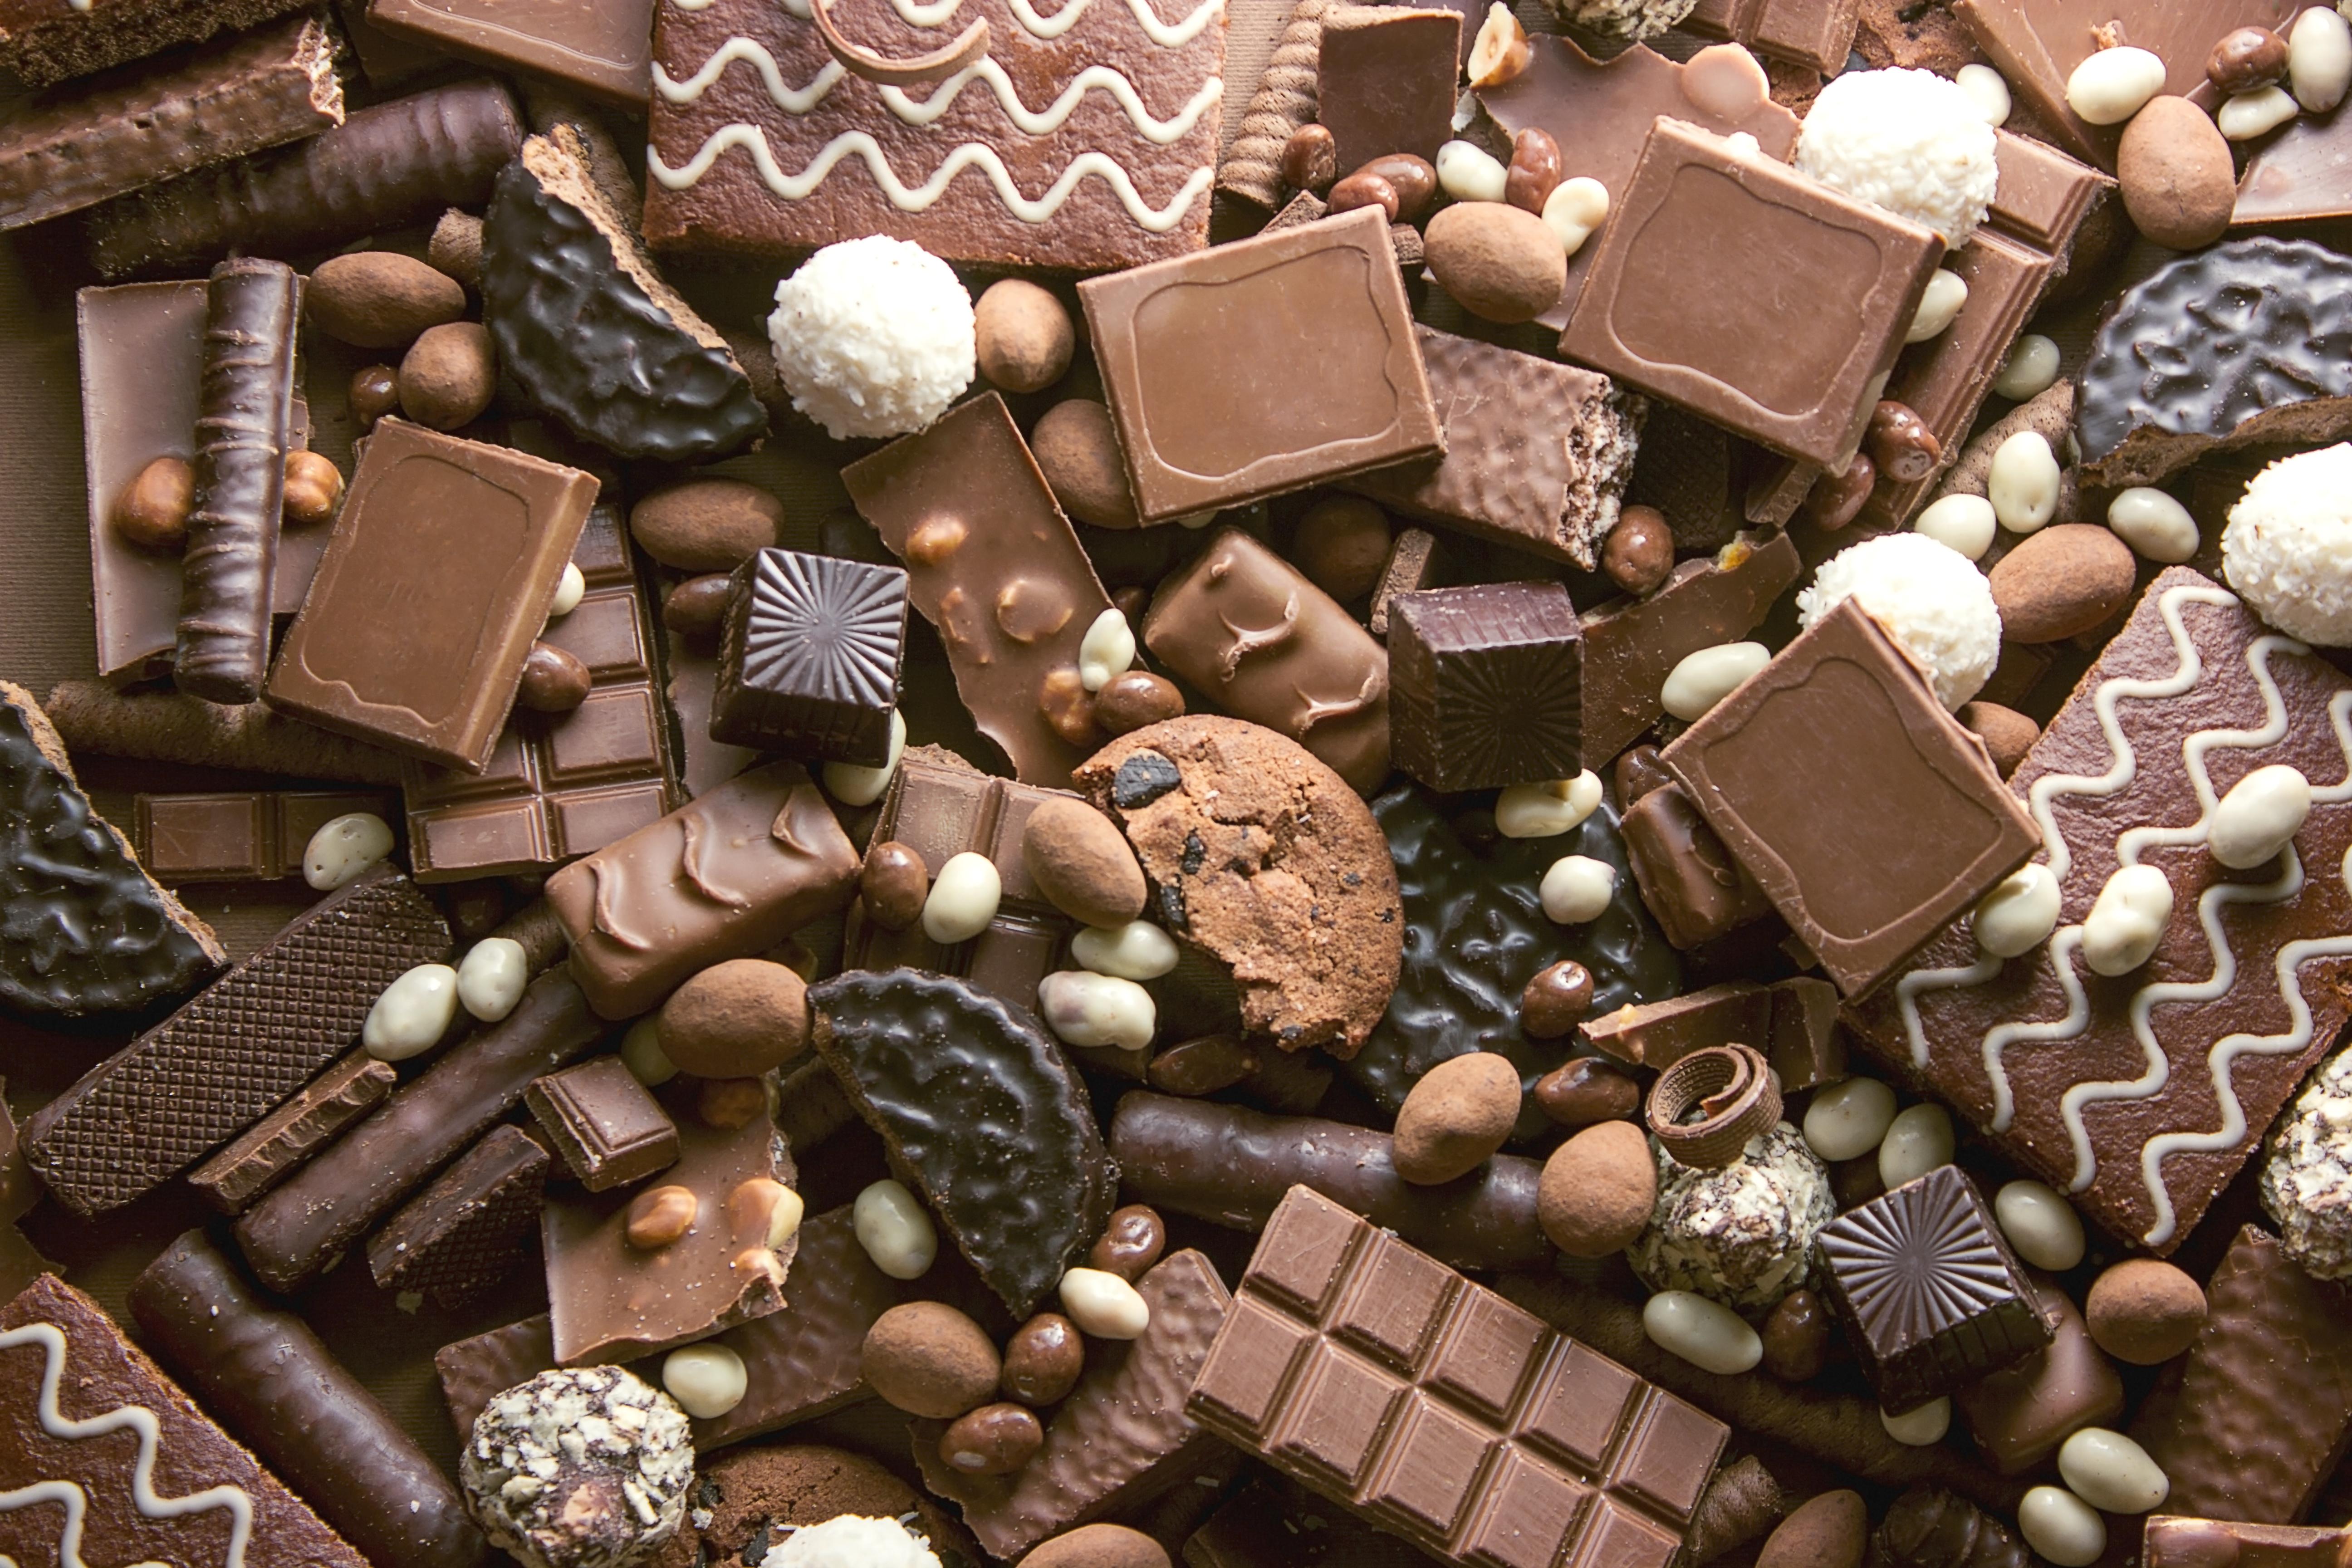 <p><strong>Пристъпите на мигрена може да намалеят</strong></p>  <p>Някои изследвания показват, че шоколадът е отключваща храна за мигрена; други проучвания обаче показват, че няма връзка. Ако сте човек, който страда от мигрена, лишаването от шоколад може да ви помогне да се преборите с пристъп, въпреки че са необходими повече доказателства по темата.</p>